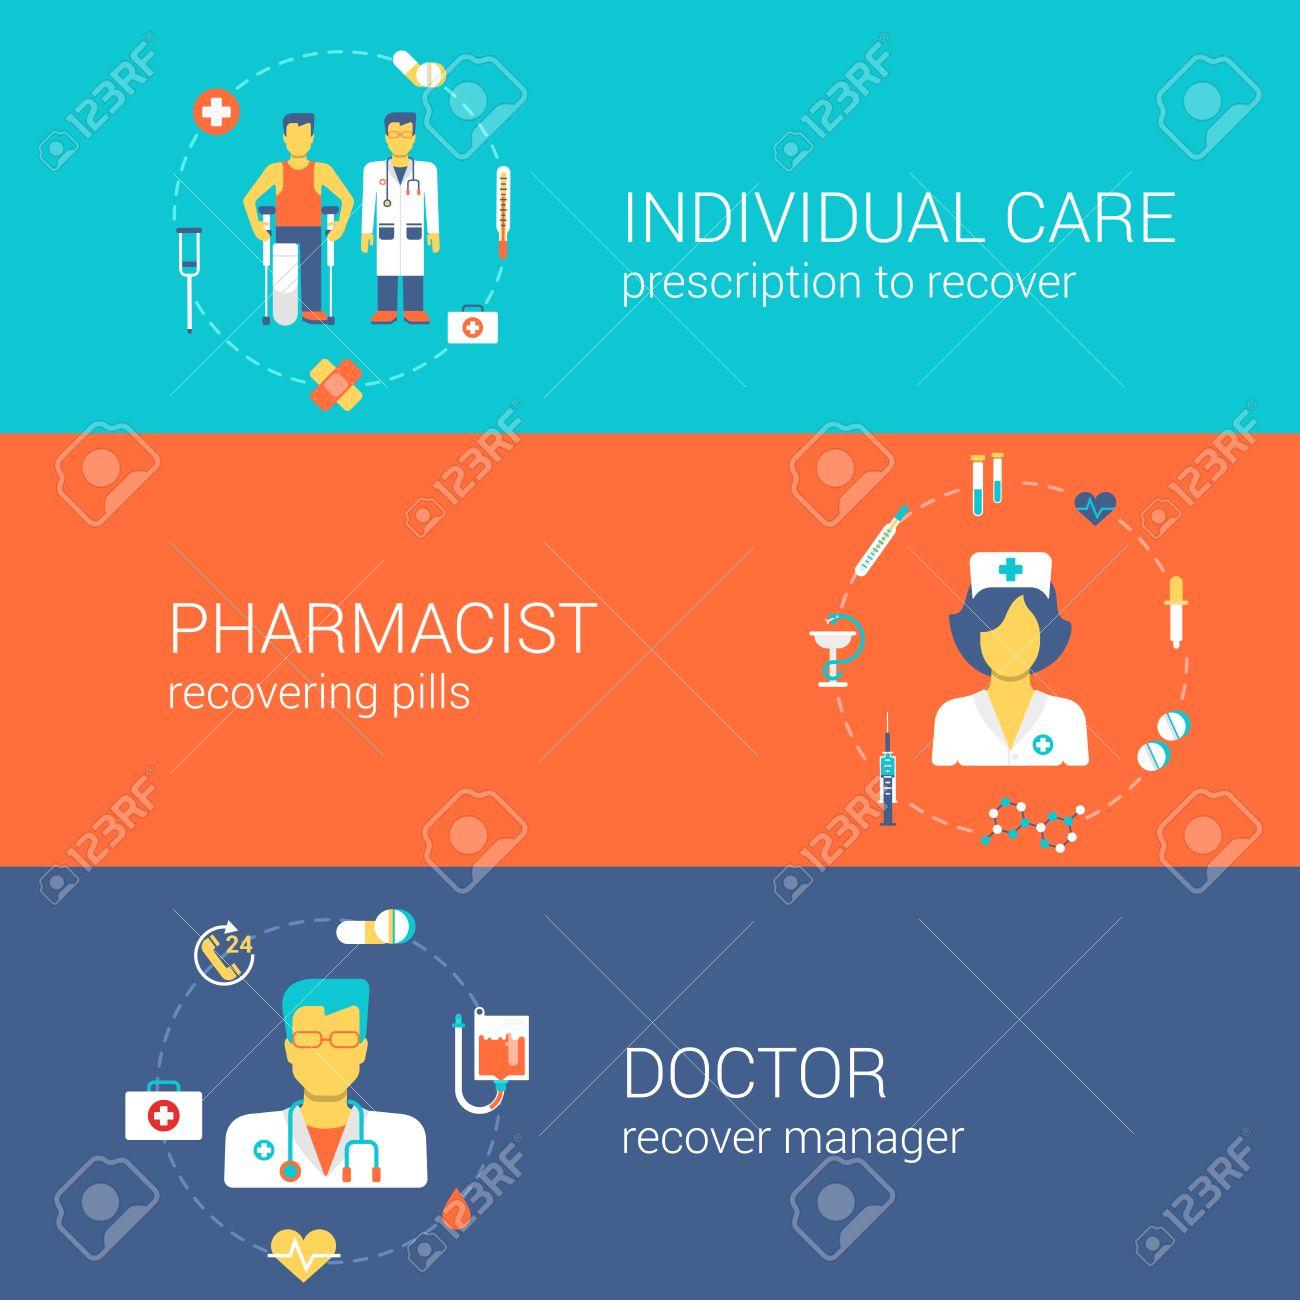 Doctor Enfermera Farmacéutico Concepto Personal De Atención Médica ...